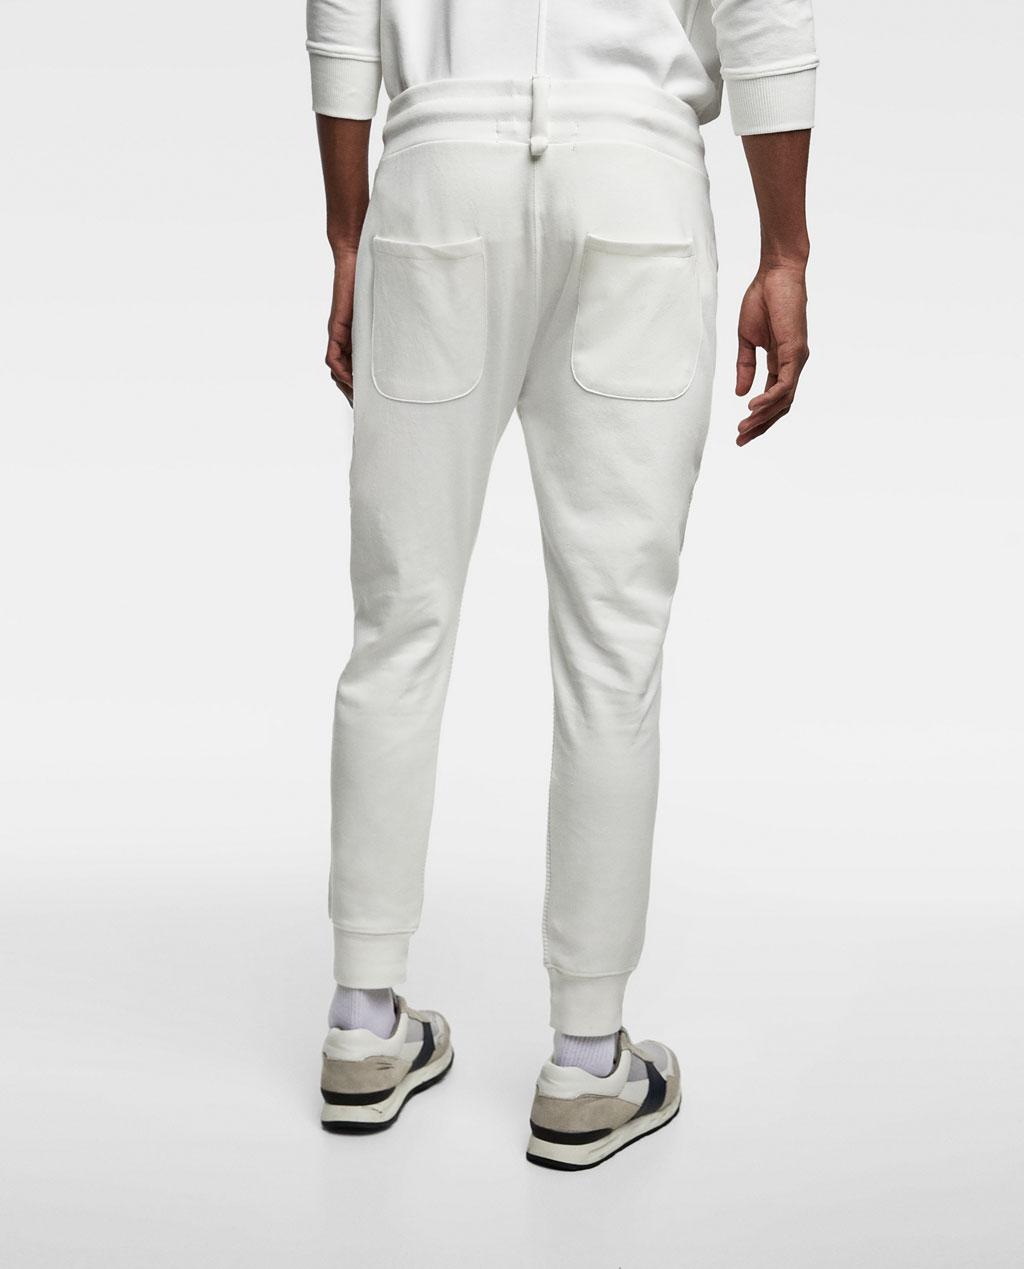 Thời trang nam Zara  24017 - ảnh 6